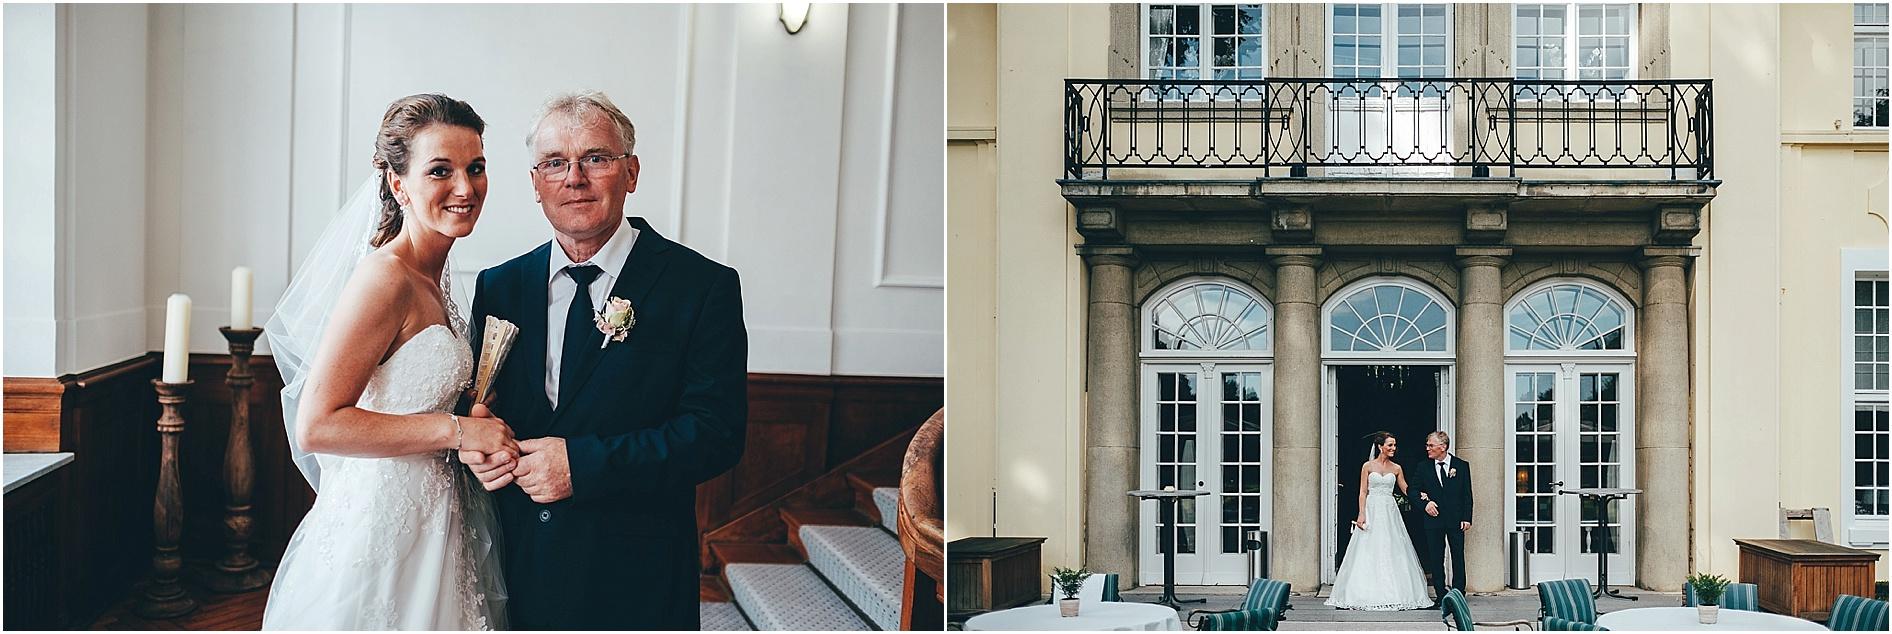 2017-01-17_0024 Sarah & Basti - Hochzeit auf Schloss Hasenwinkel